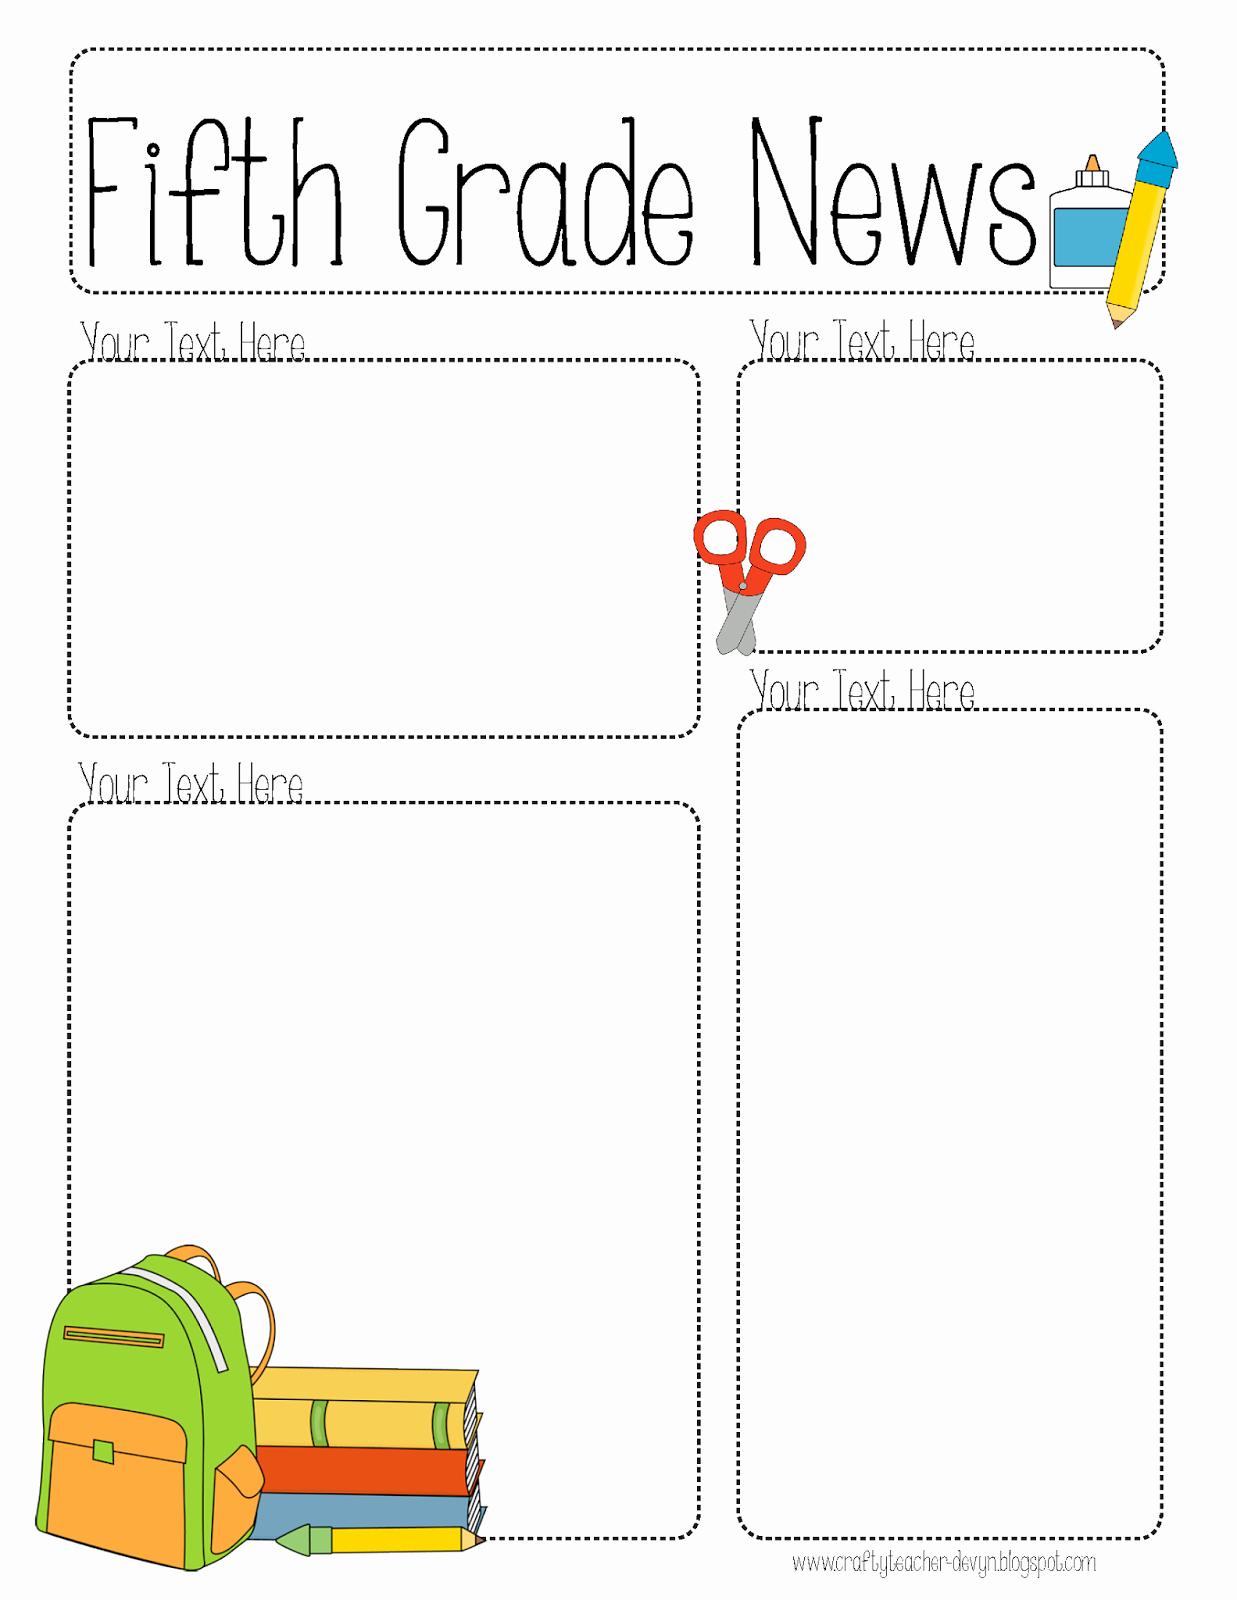 Free Editable Newsletter Templates Elegant Pletely Editable Newsletter for All Grades